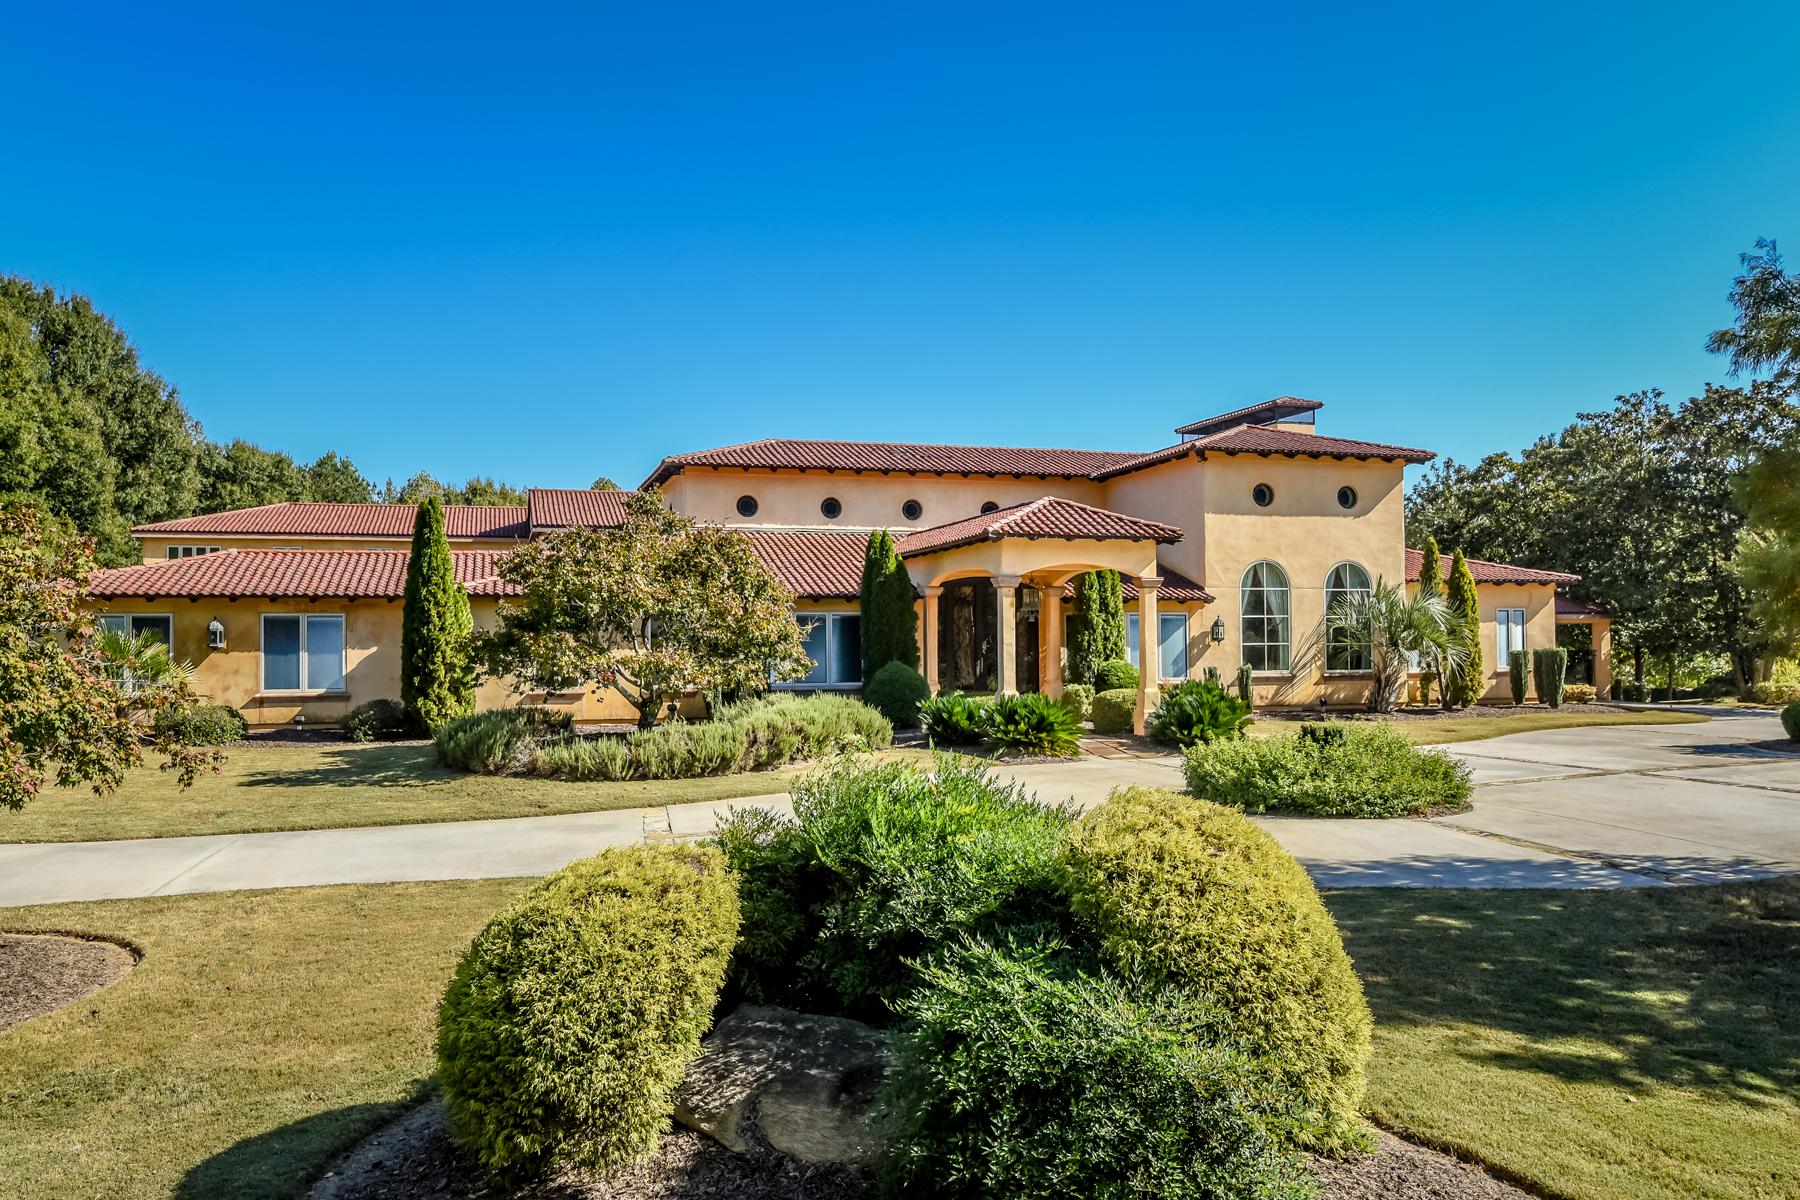 Casa Unifamiliar por un Venta en Luxurious Mediterranean Home 9440 Riverclub Parkway Johns Creek, Georgia, 30097 Estados Unidos